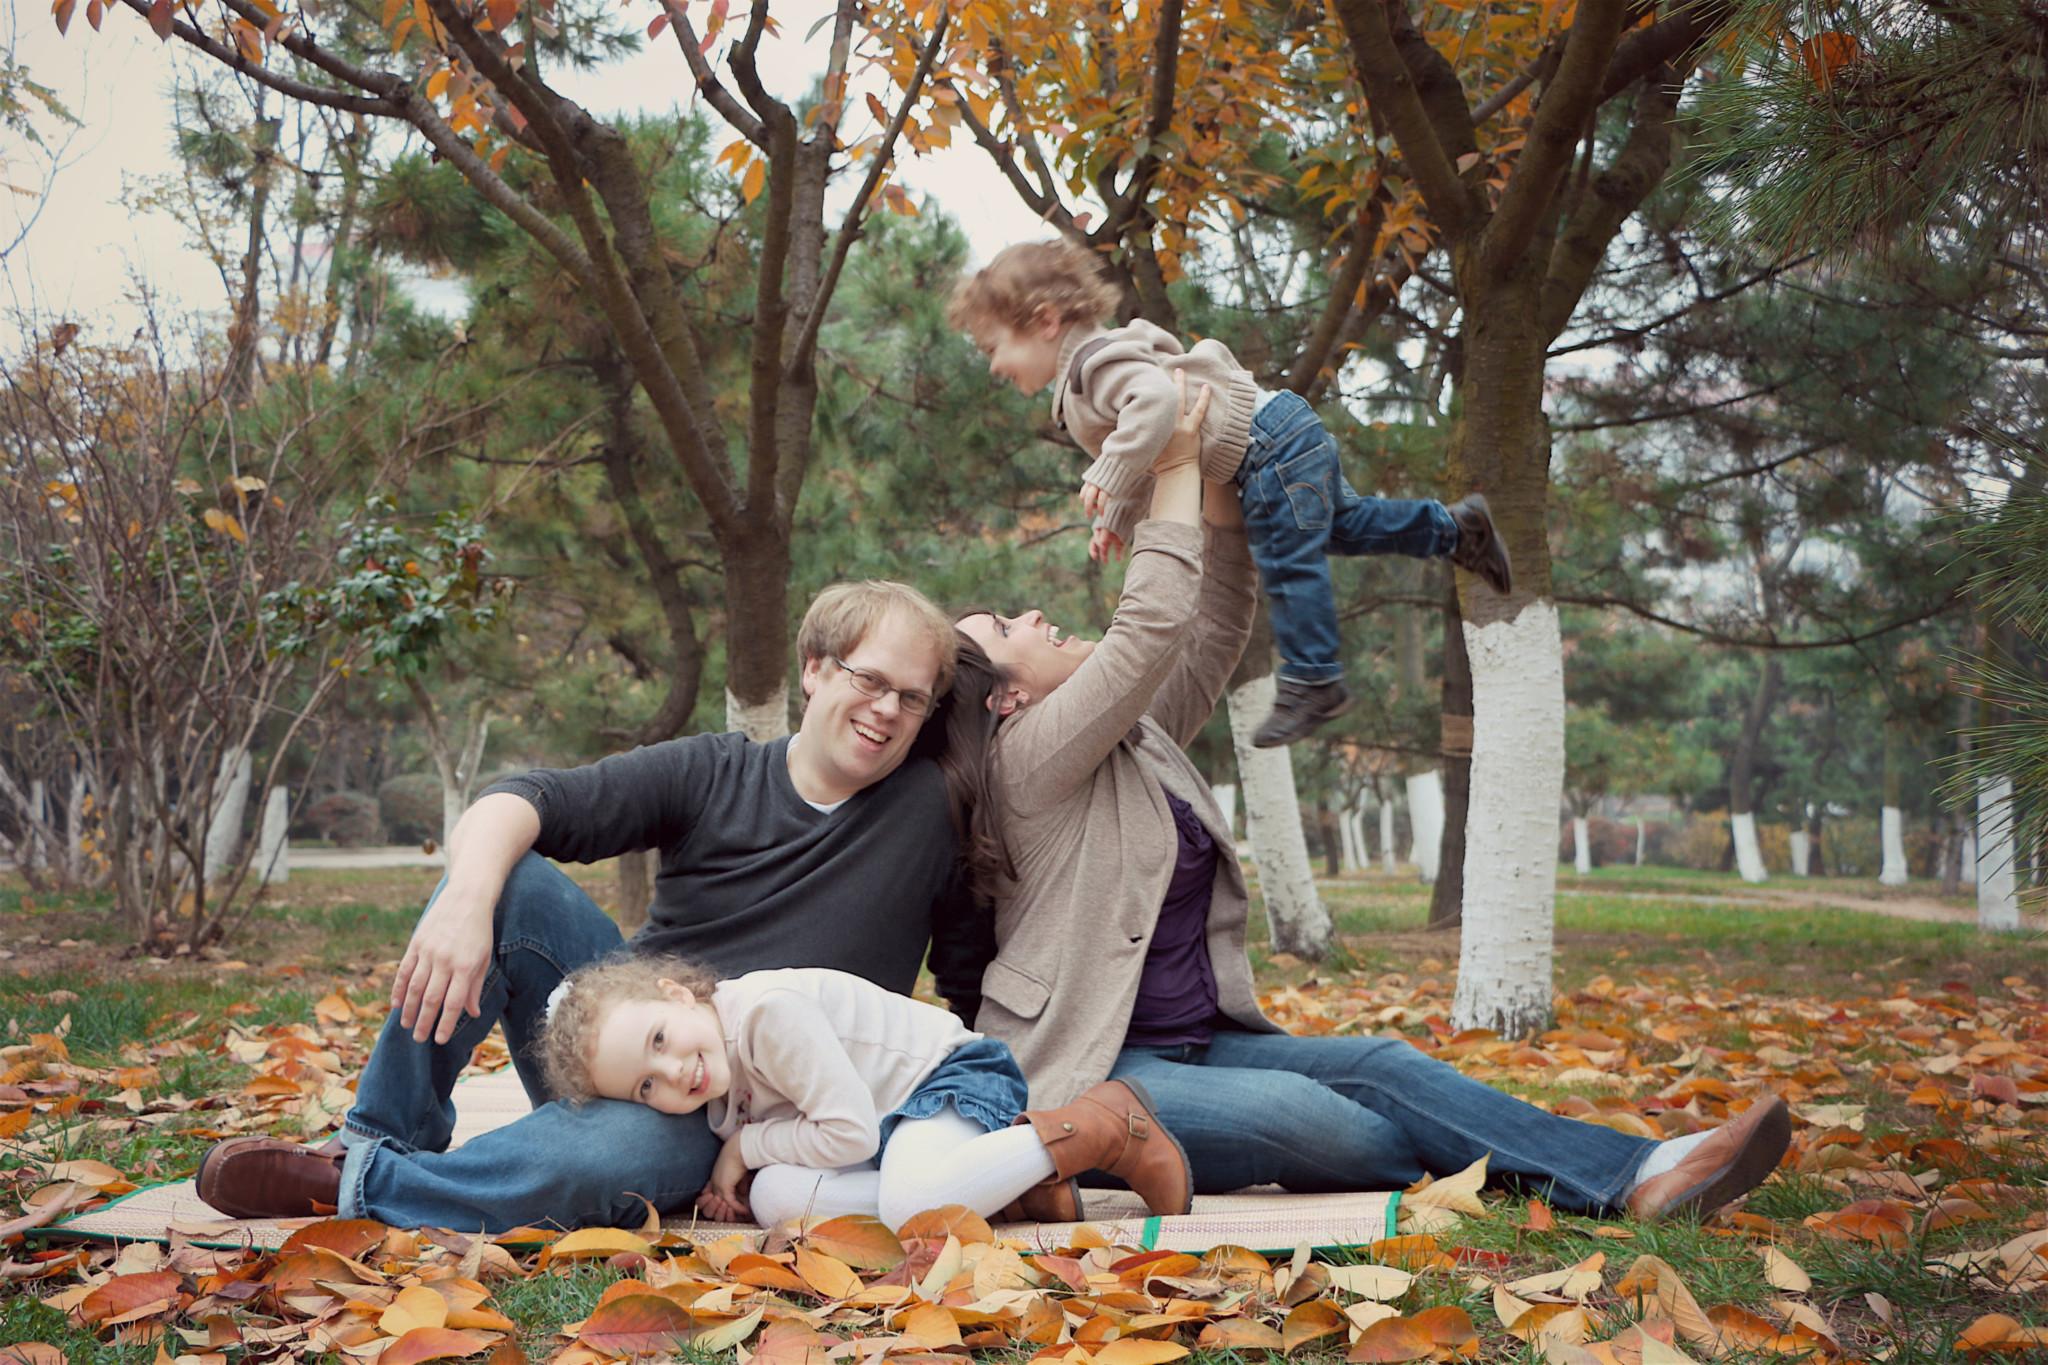 Hitt Family {Sneak Peak}